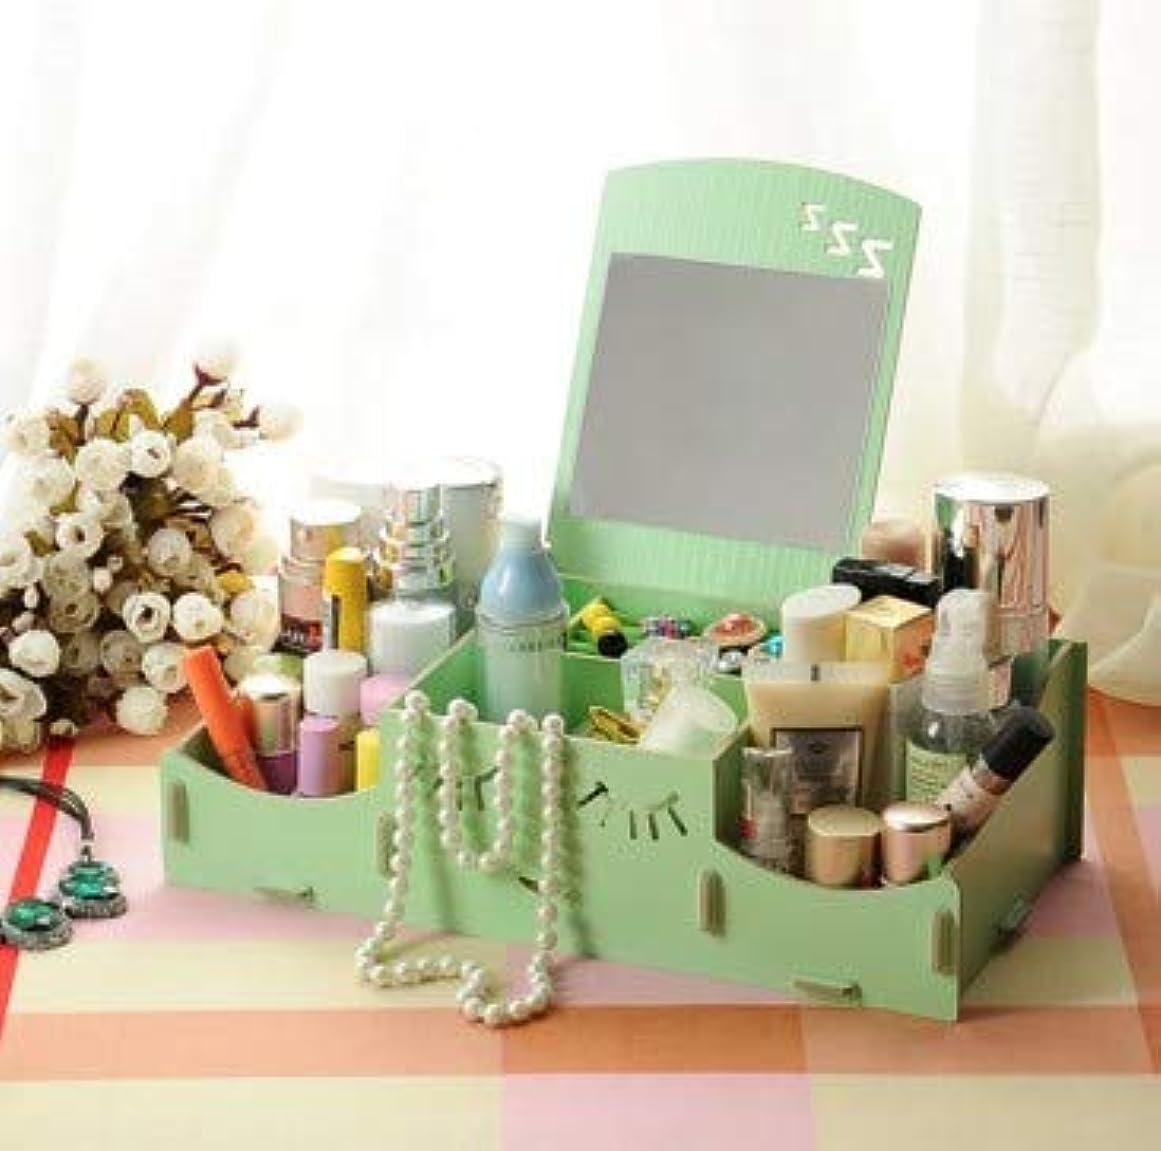 集める獲物足音スマイリー木製クリエイティブ収納ボックス手作りデスクトップミラー化粧品収納ボックス化粧品収納ボックス (Color : グリンー)